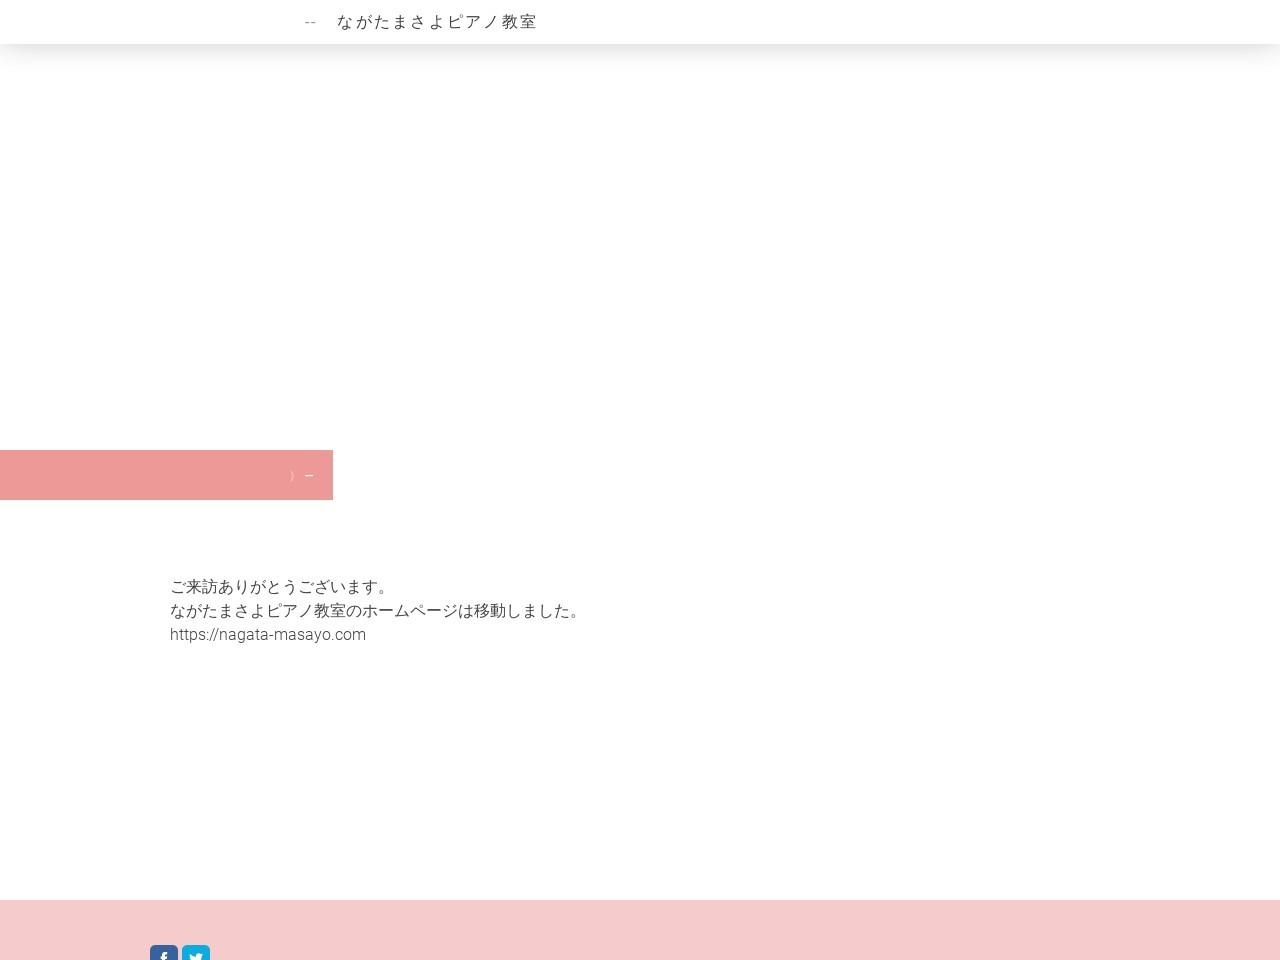 ながたまさよピアノ教室のサムネイル